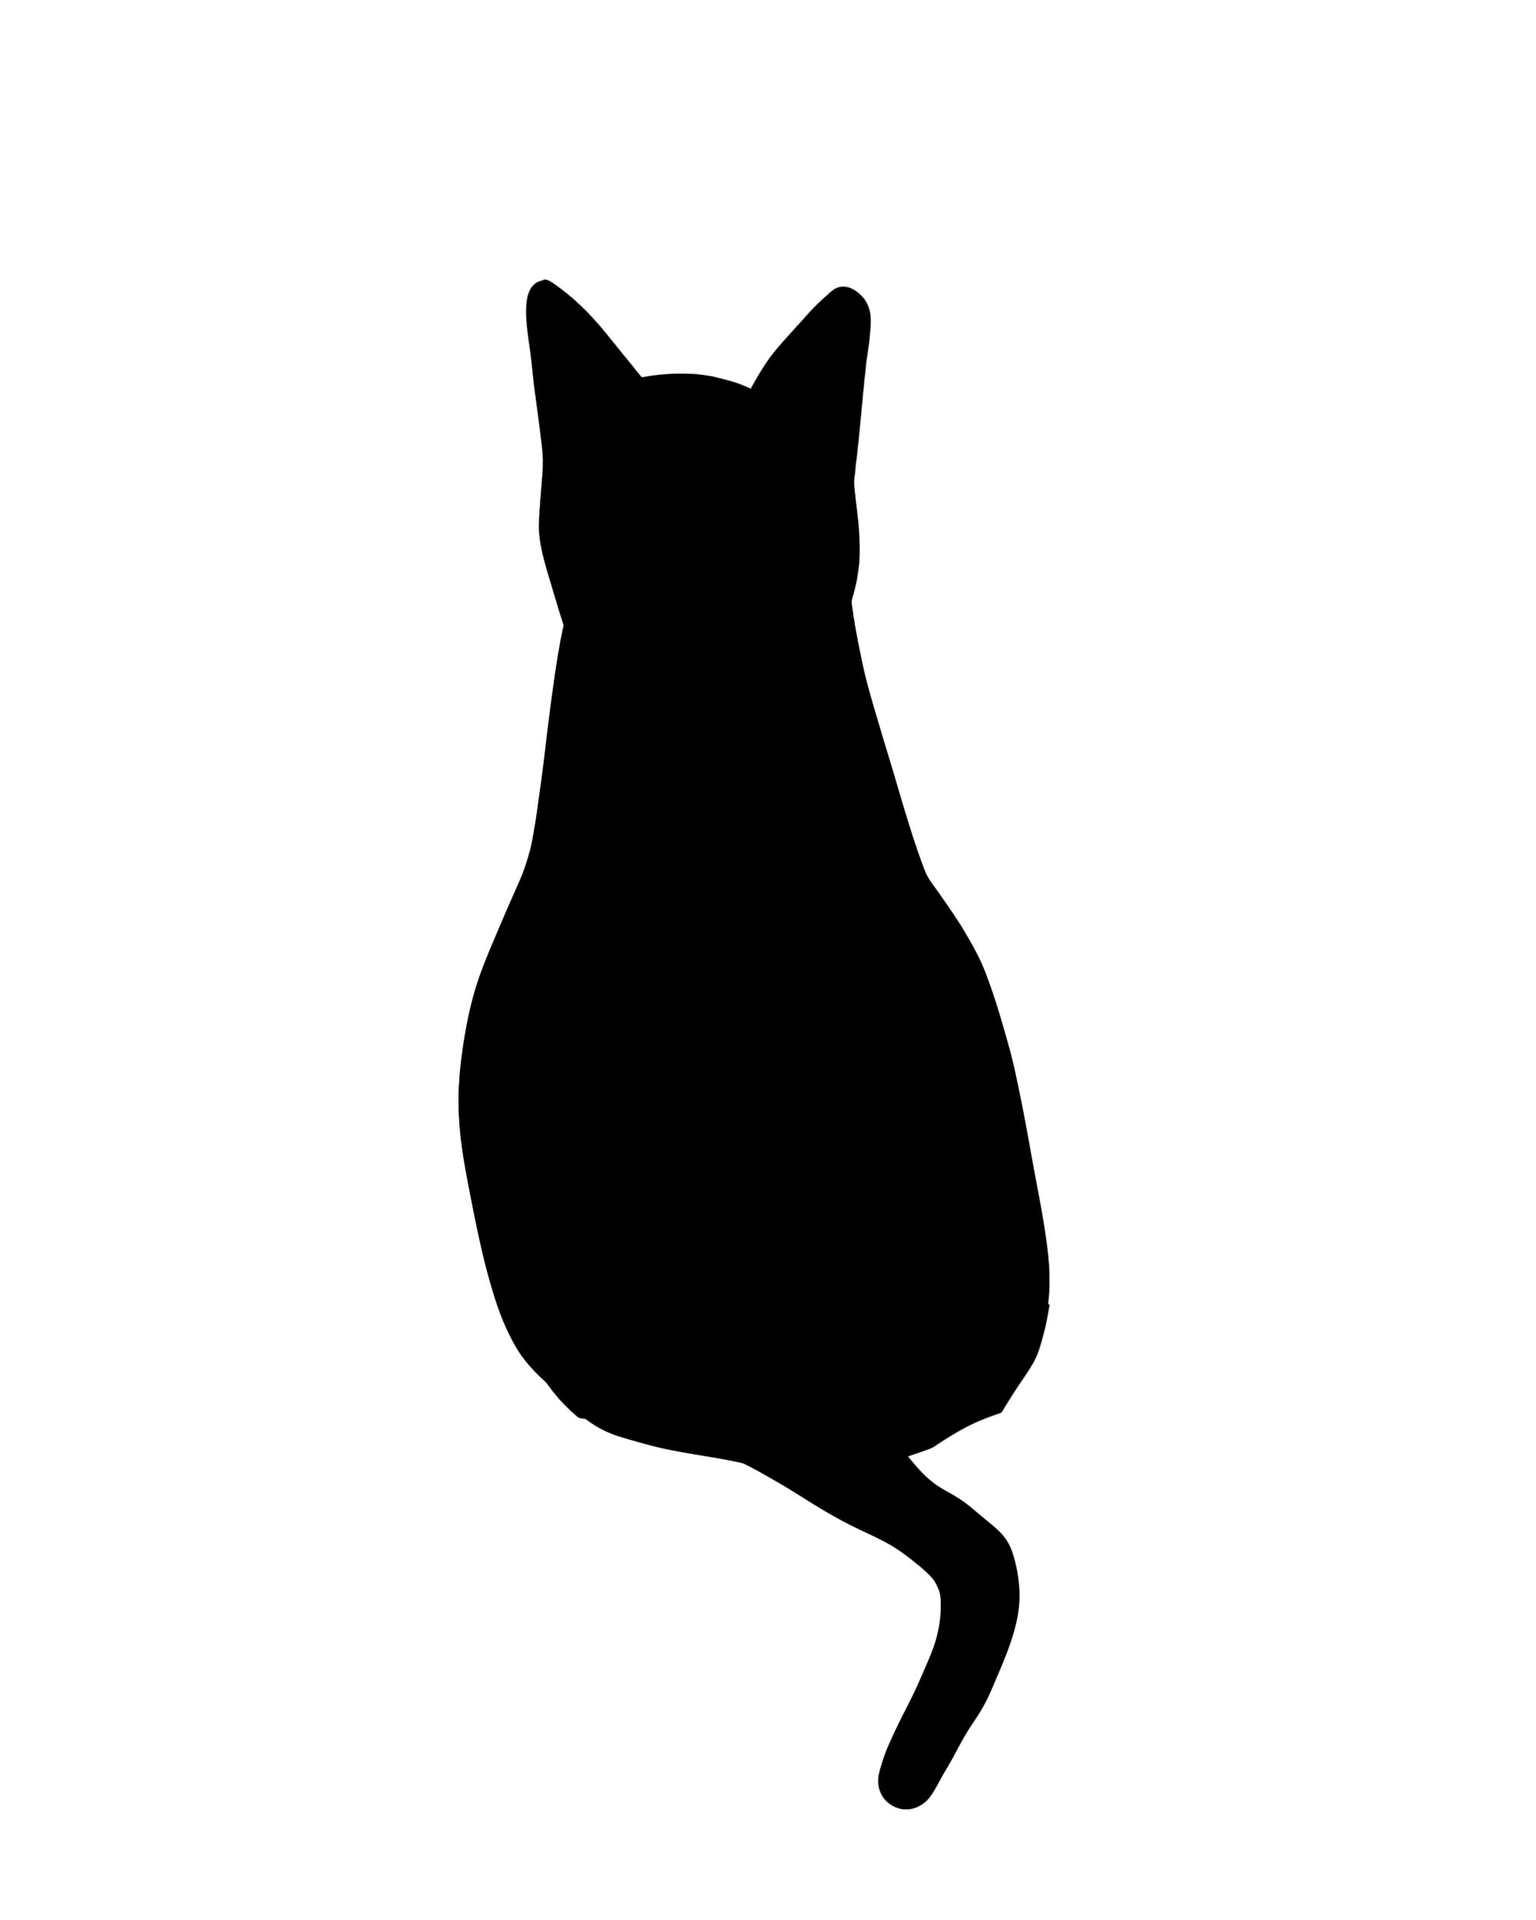 猫の描き方まとめ Naver まとめ